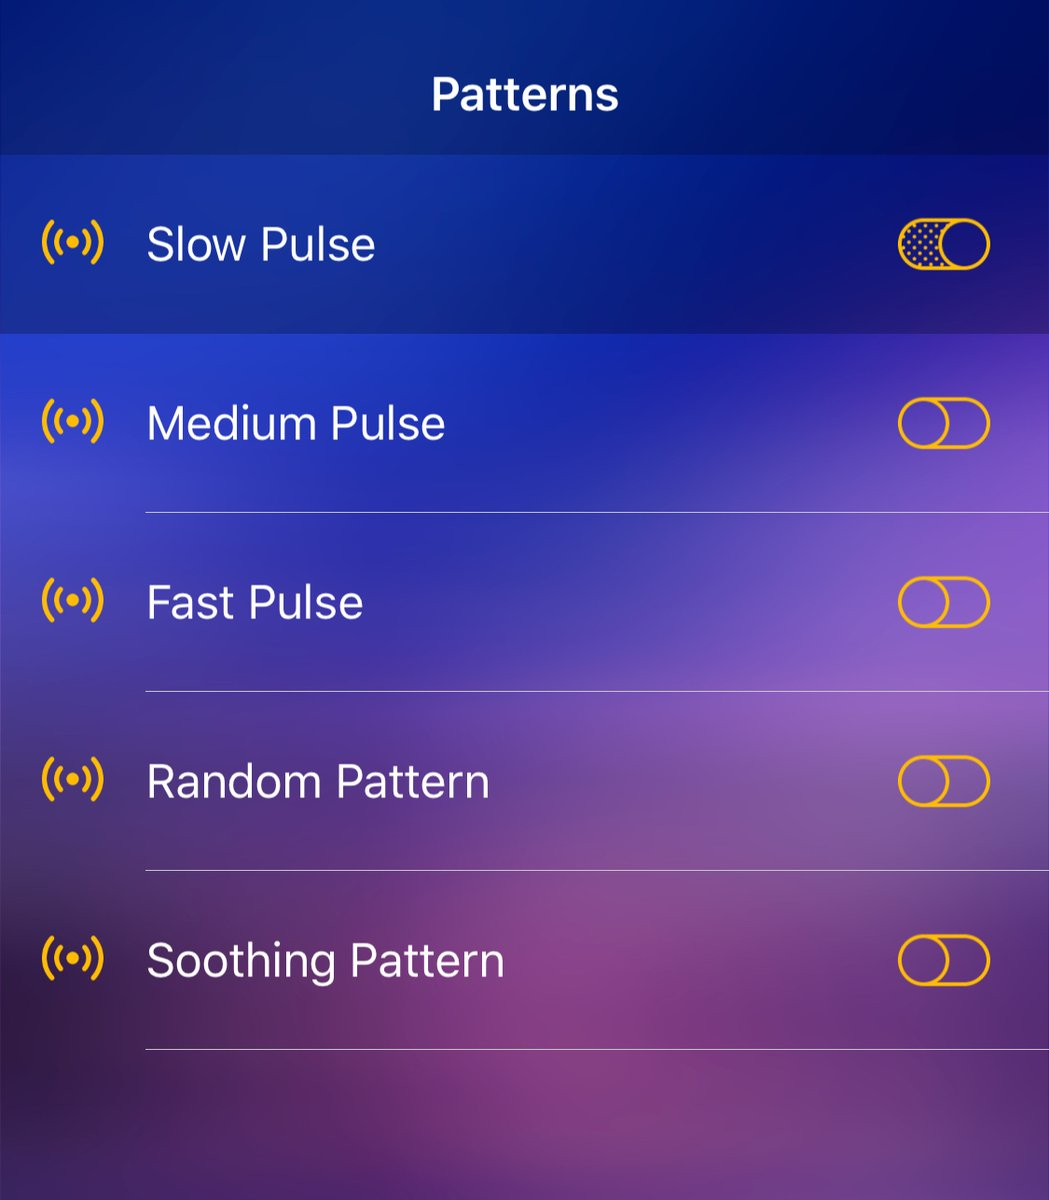 D4jnBuGWAAADlst - تطبيق Massage 4U يجعل هاتفك يهتز ليعطيك مساج رائع بعد يوم طويل